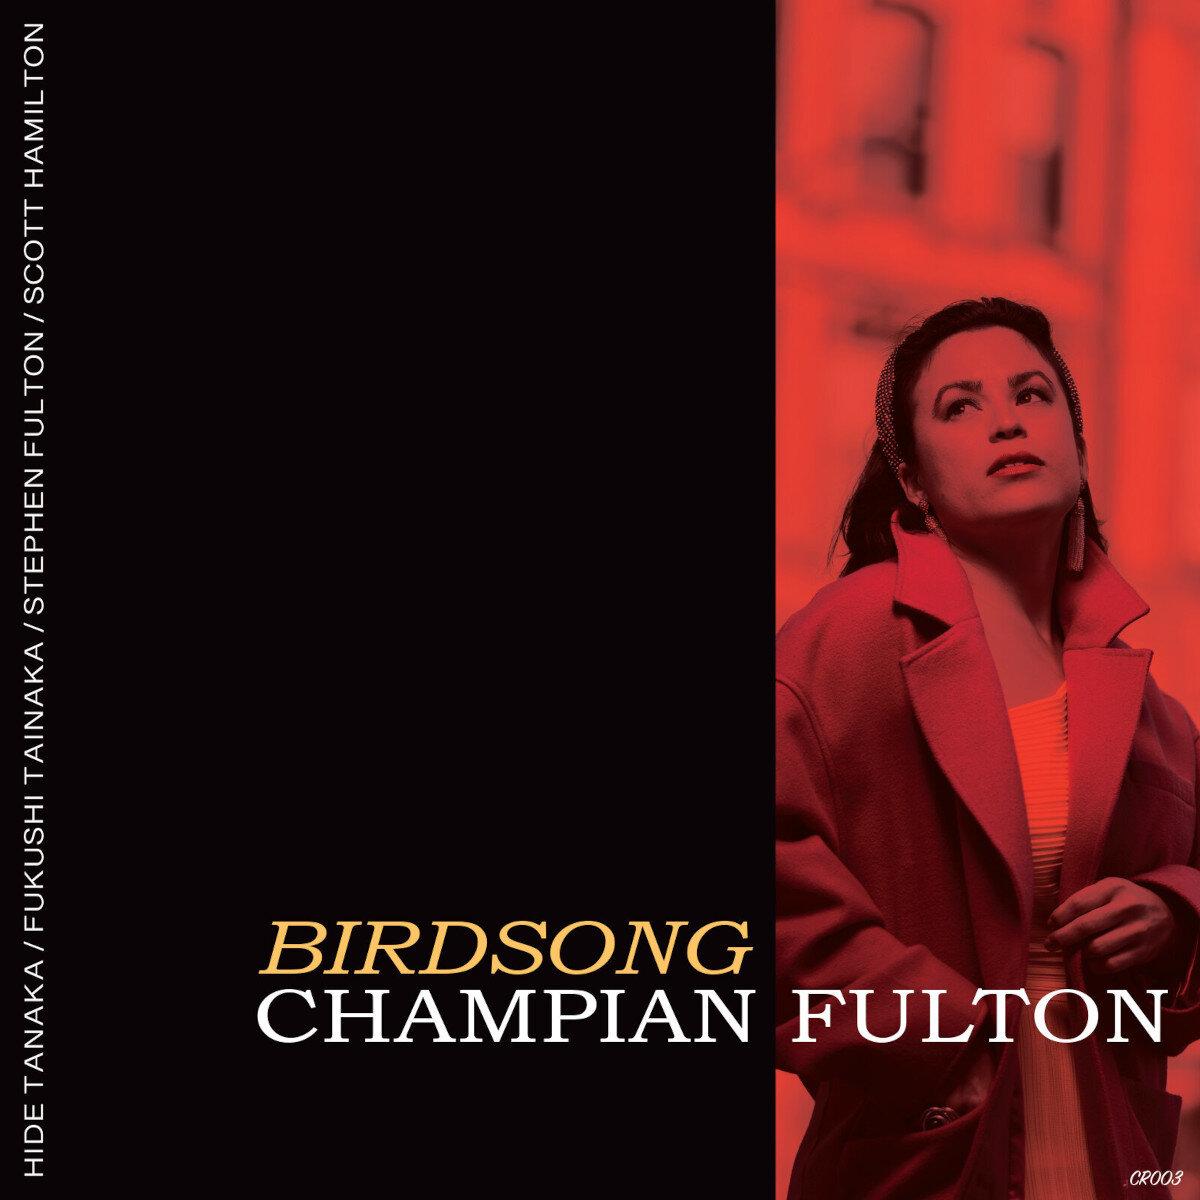 Champian Fulton Scott Hamilton Birdsong